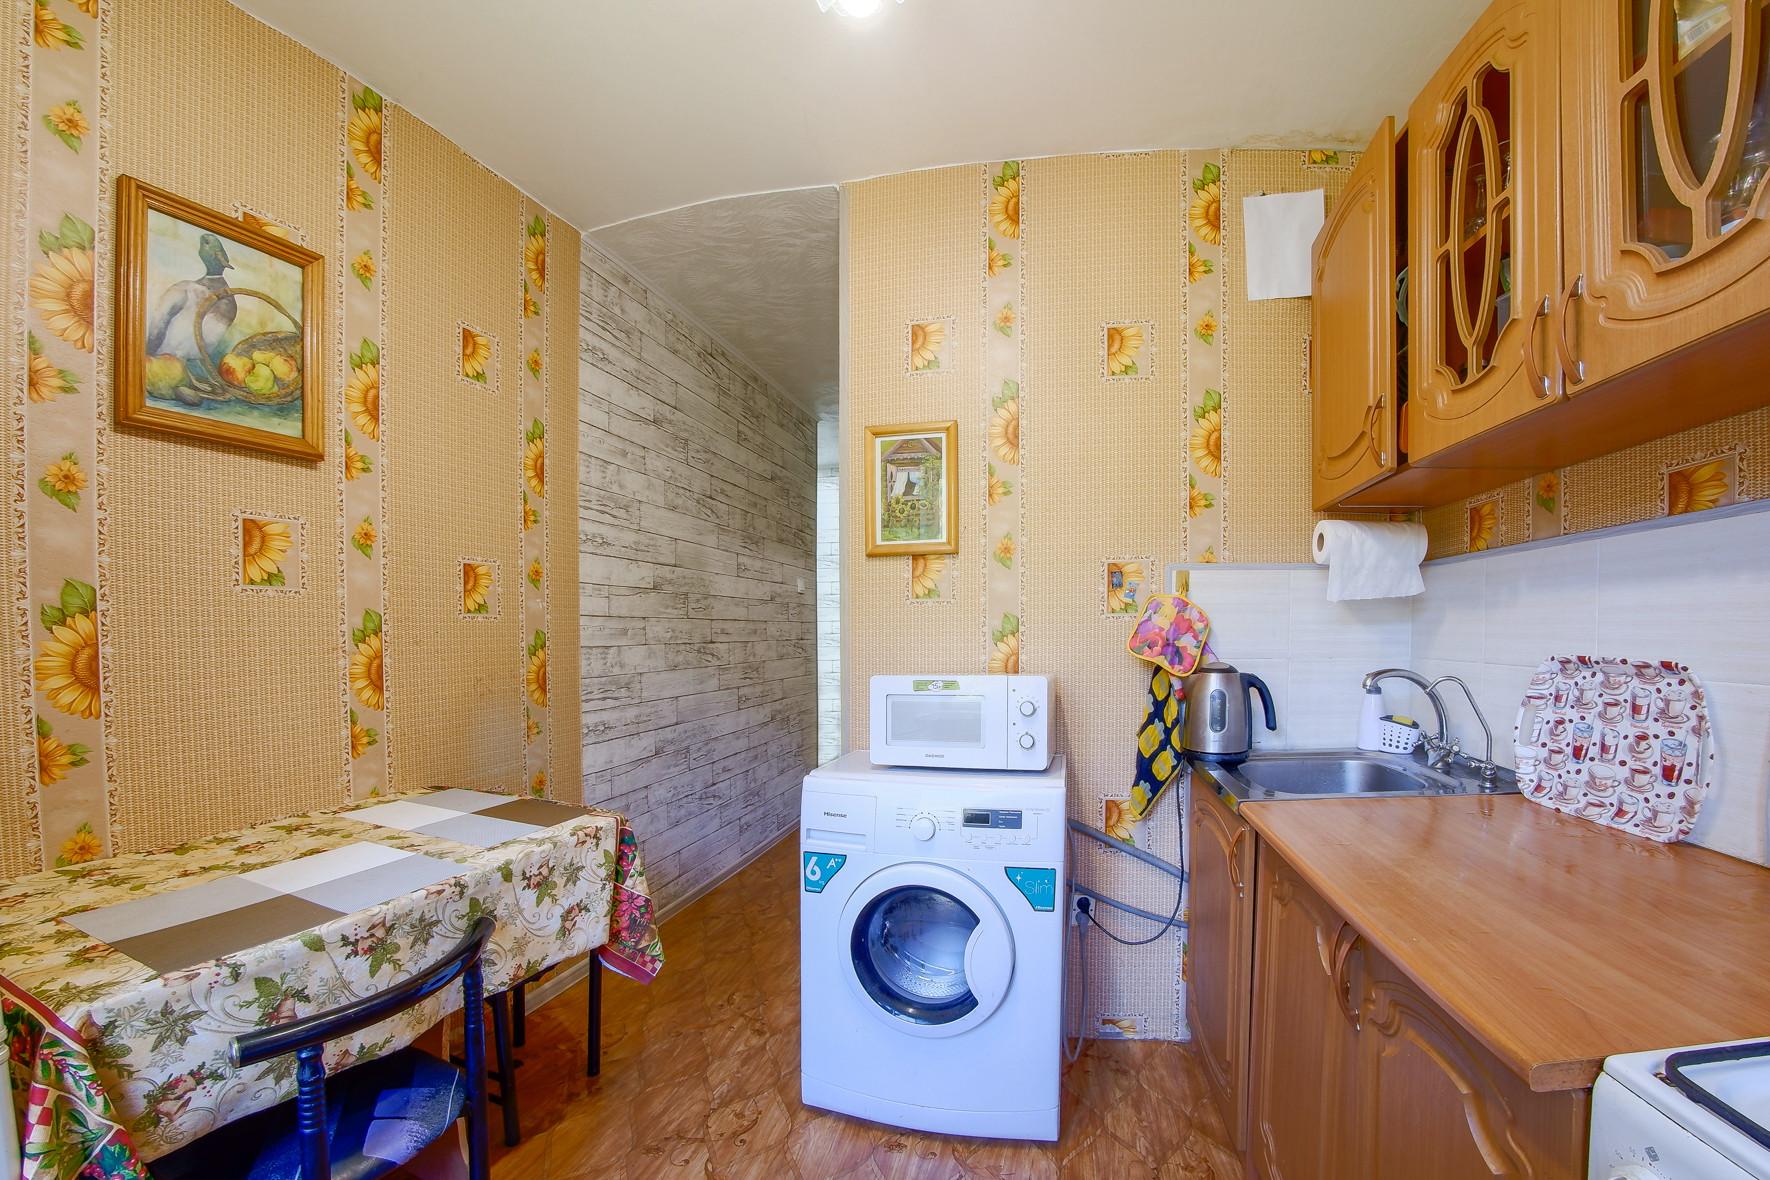 покупка квартиры в хабаровске с фото бессилии